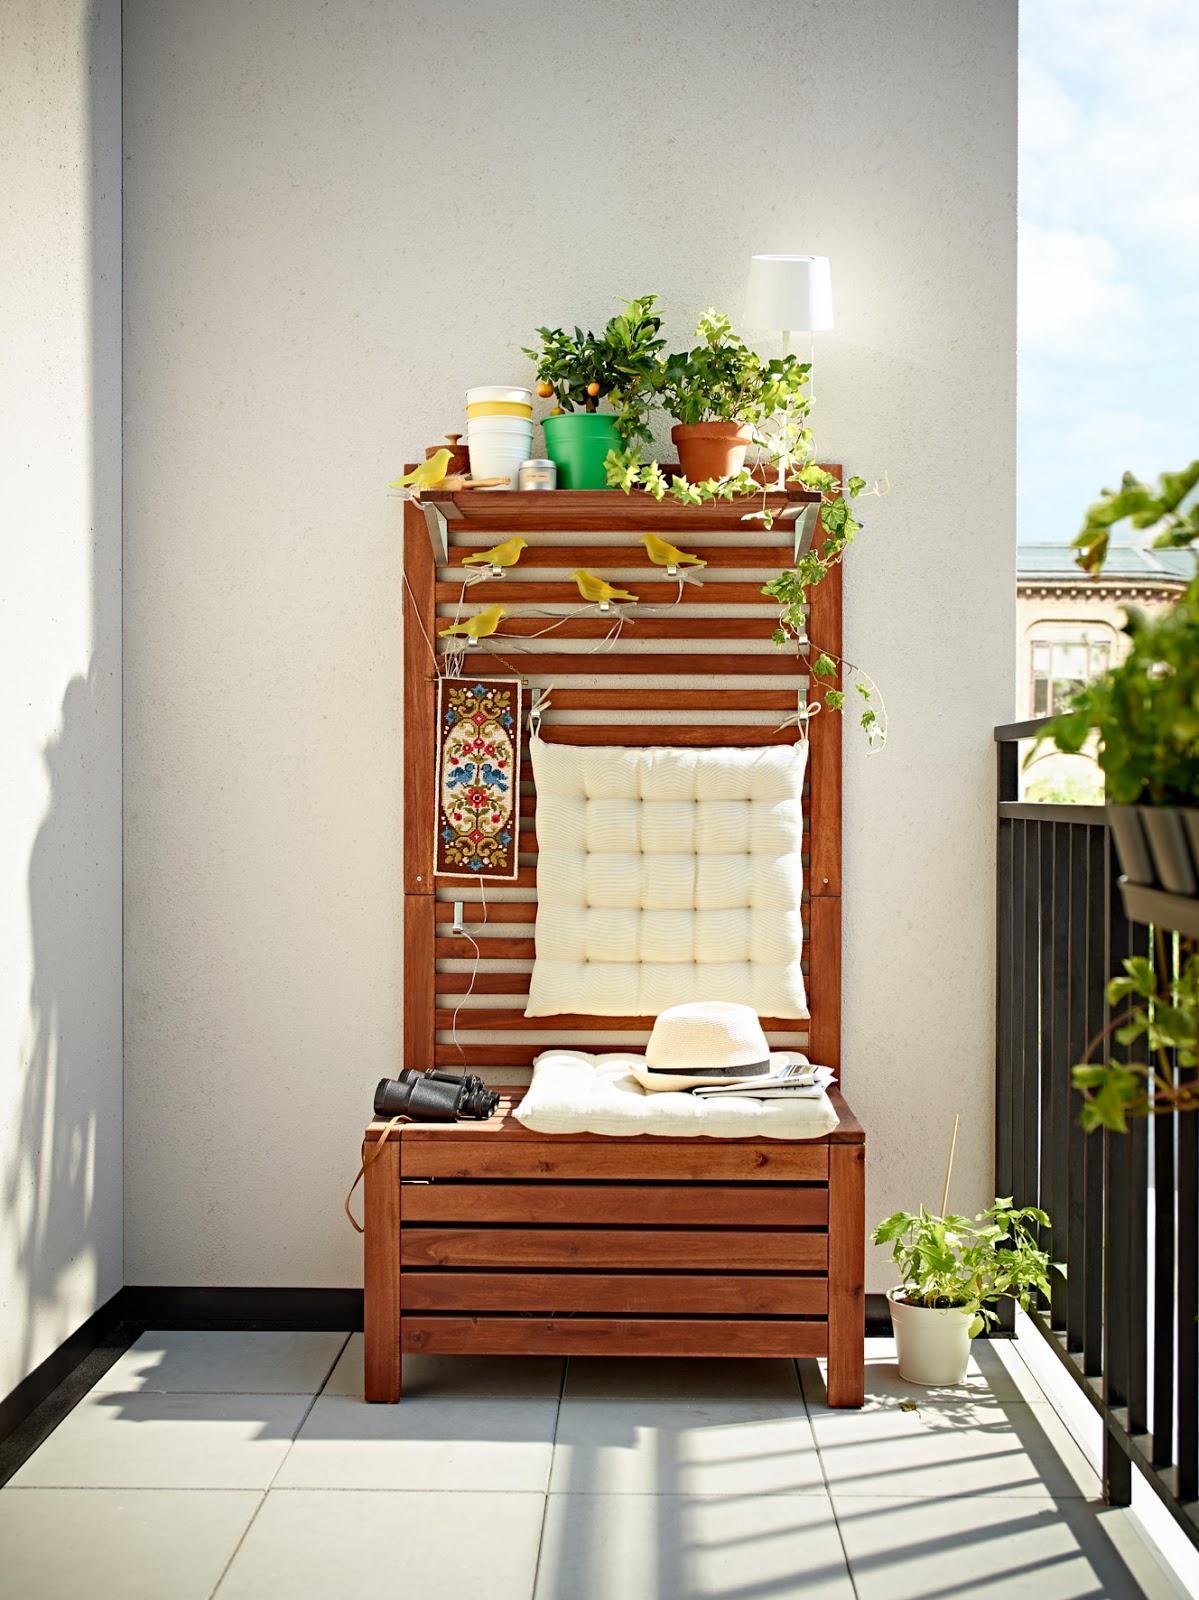 Мебель и декор для балкона: 40 лучших идей из рinterest акту.